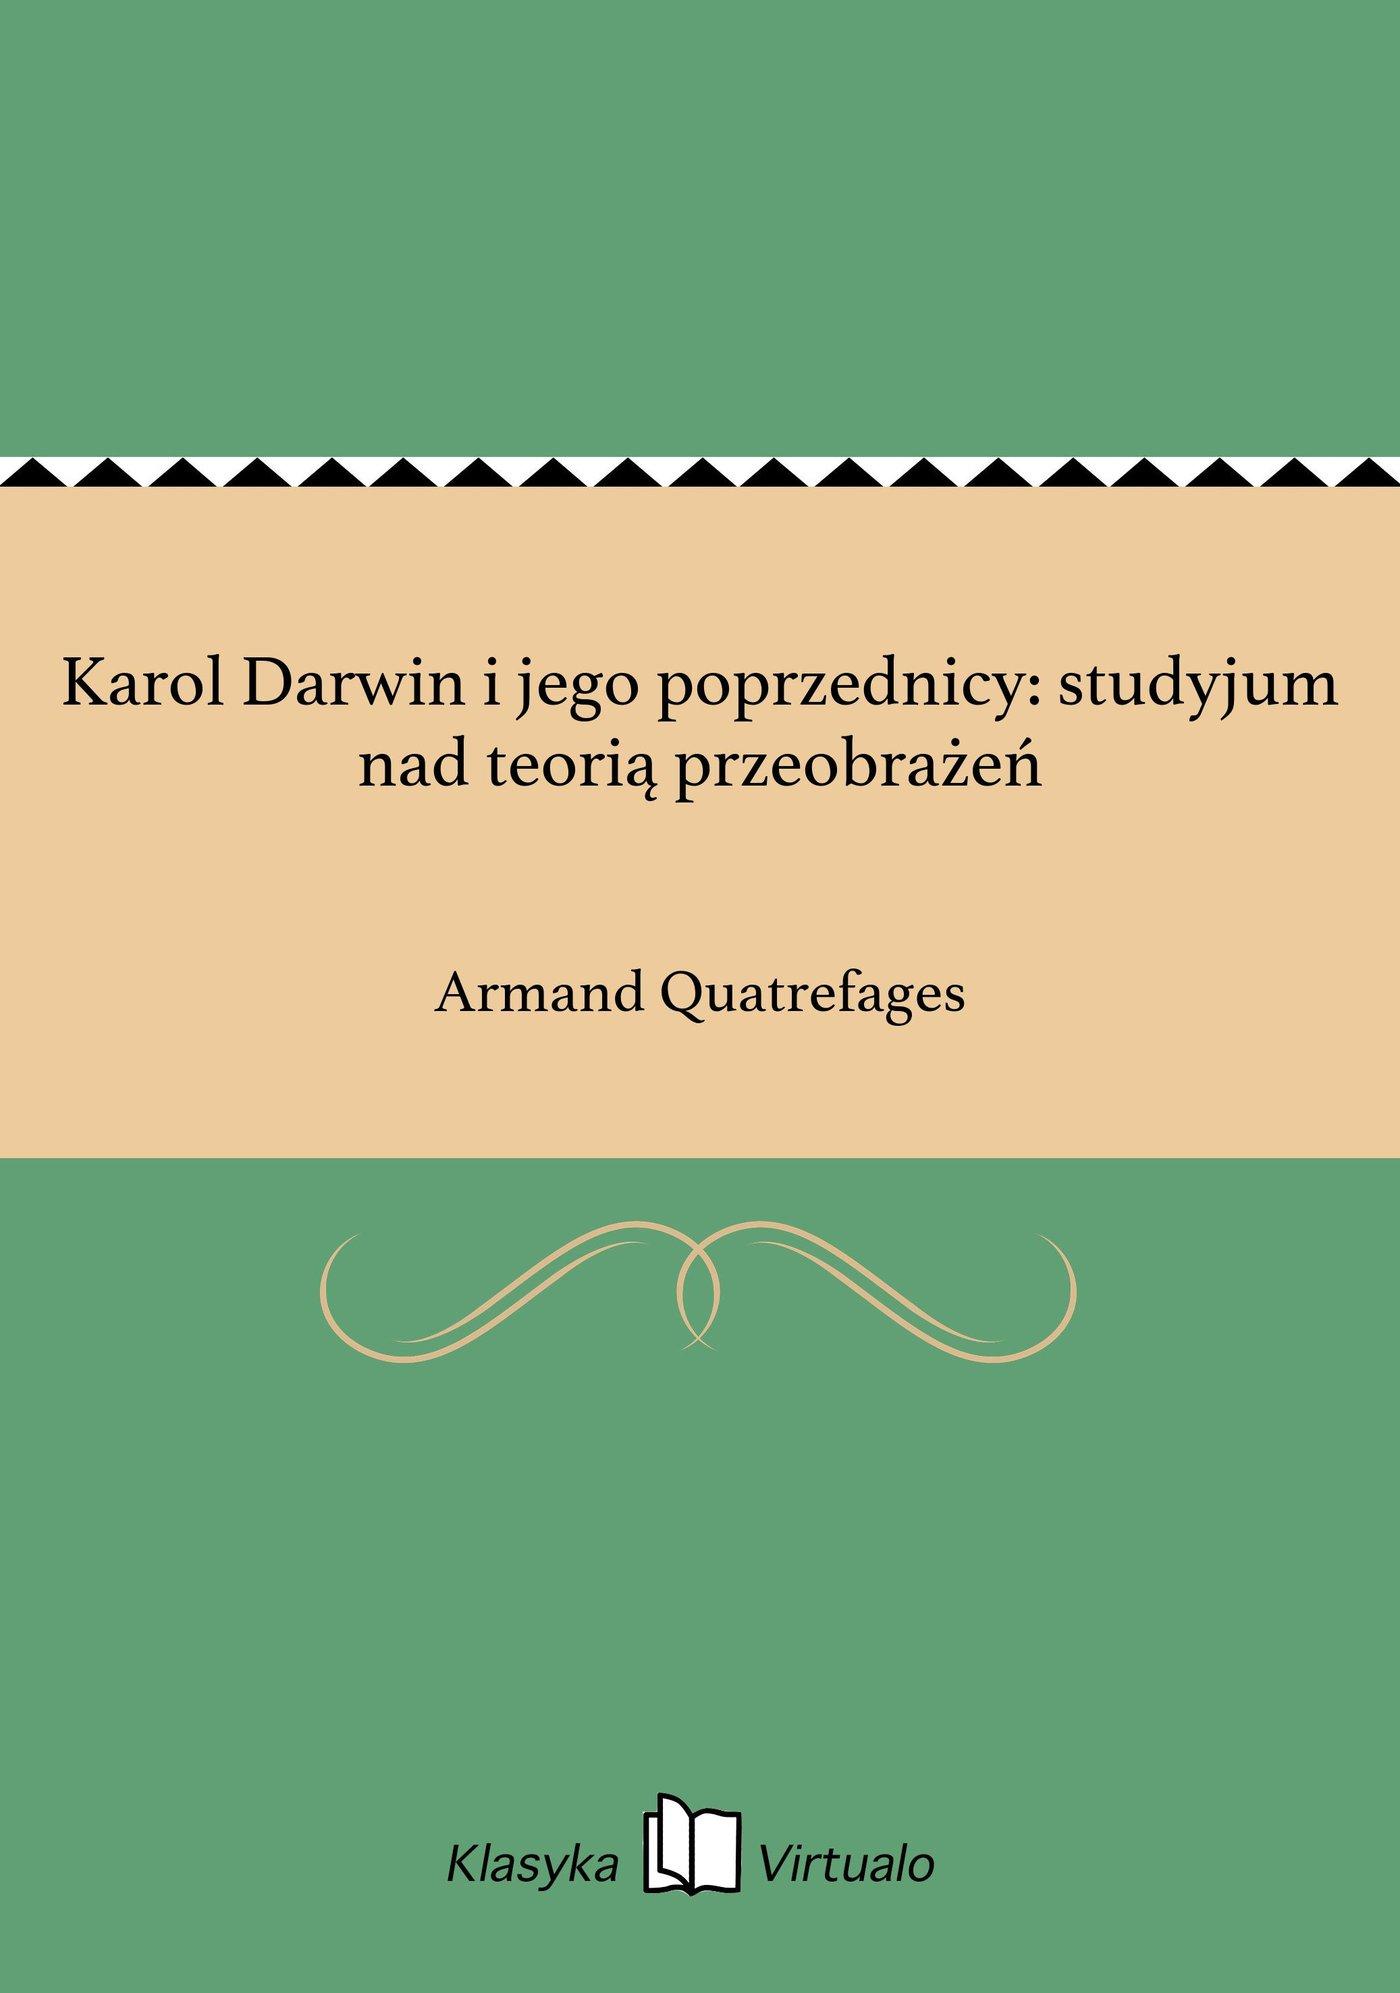 Karol Darwin i jego poprzednicy: studyjum nad teorią przeobrażeń - Ebook (Książka EPUB) do pobrania w formacie EPUB